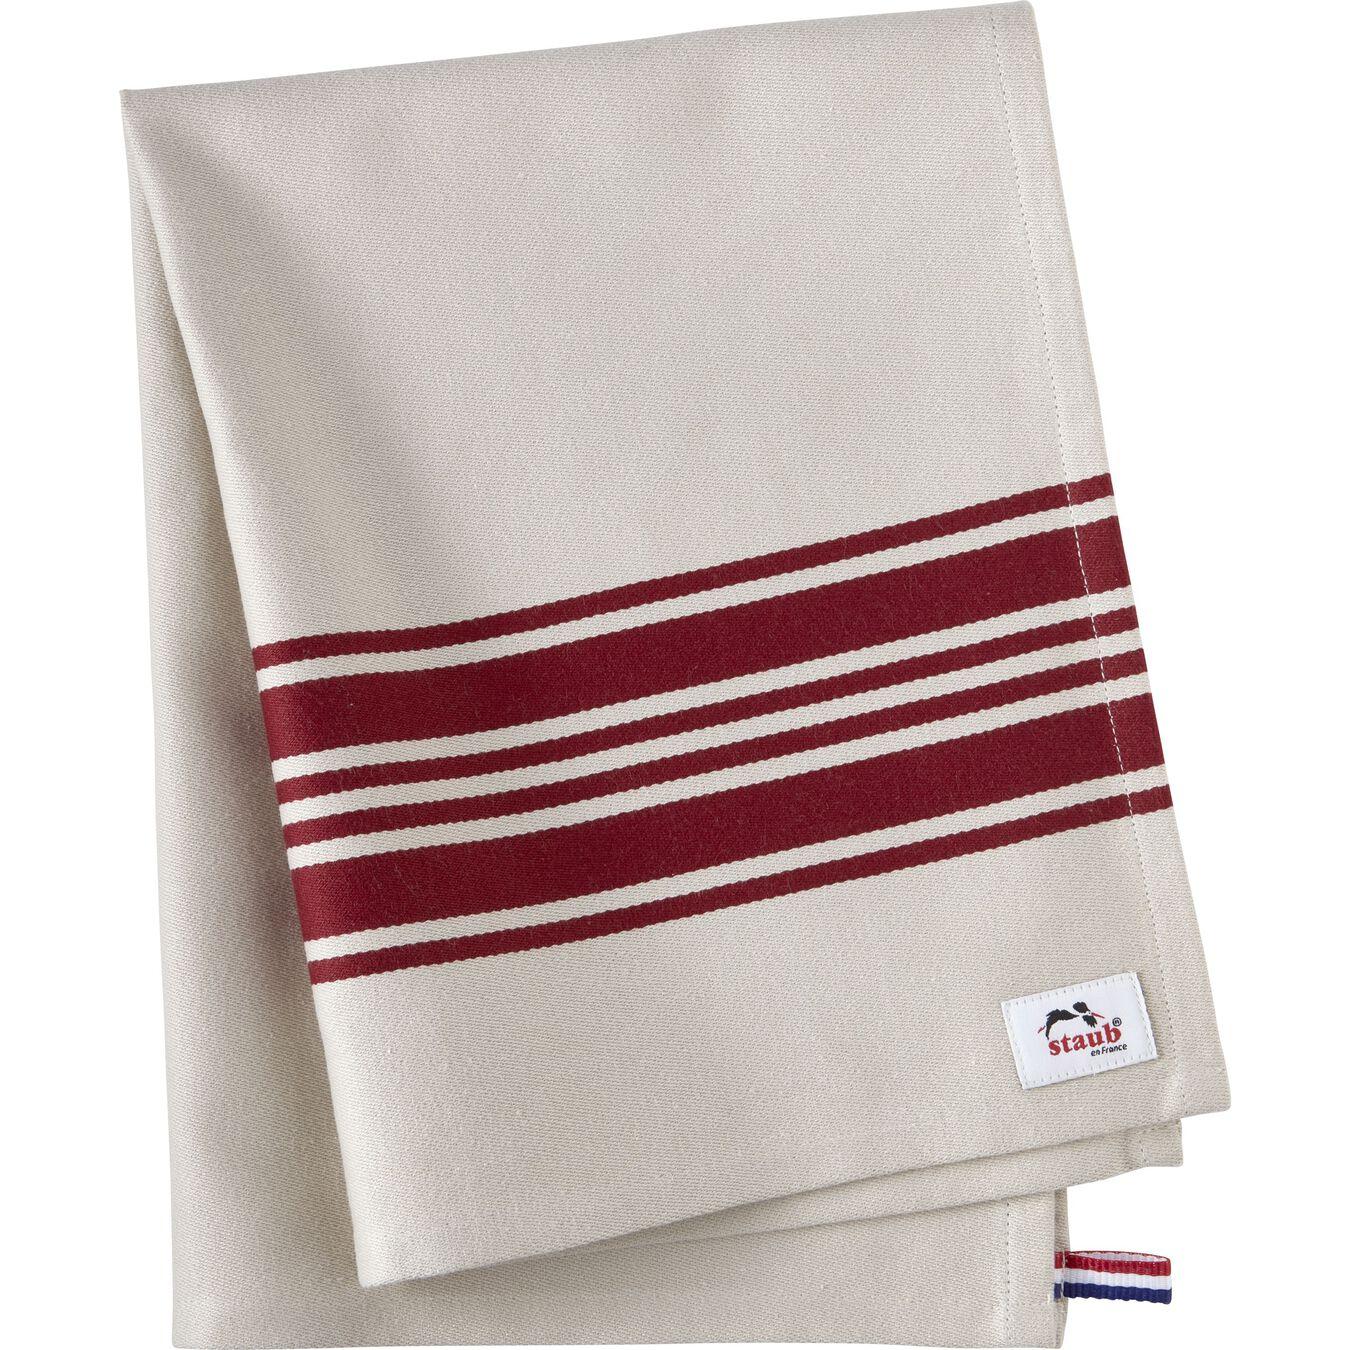 70 cm x 50 cm Cotton Kitchen towel, Cherry,,large 1